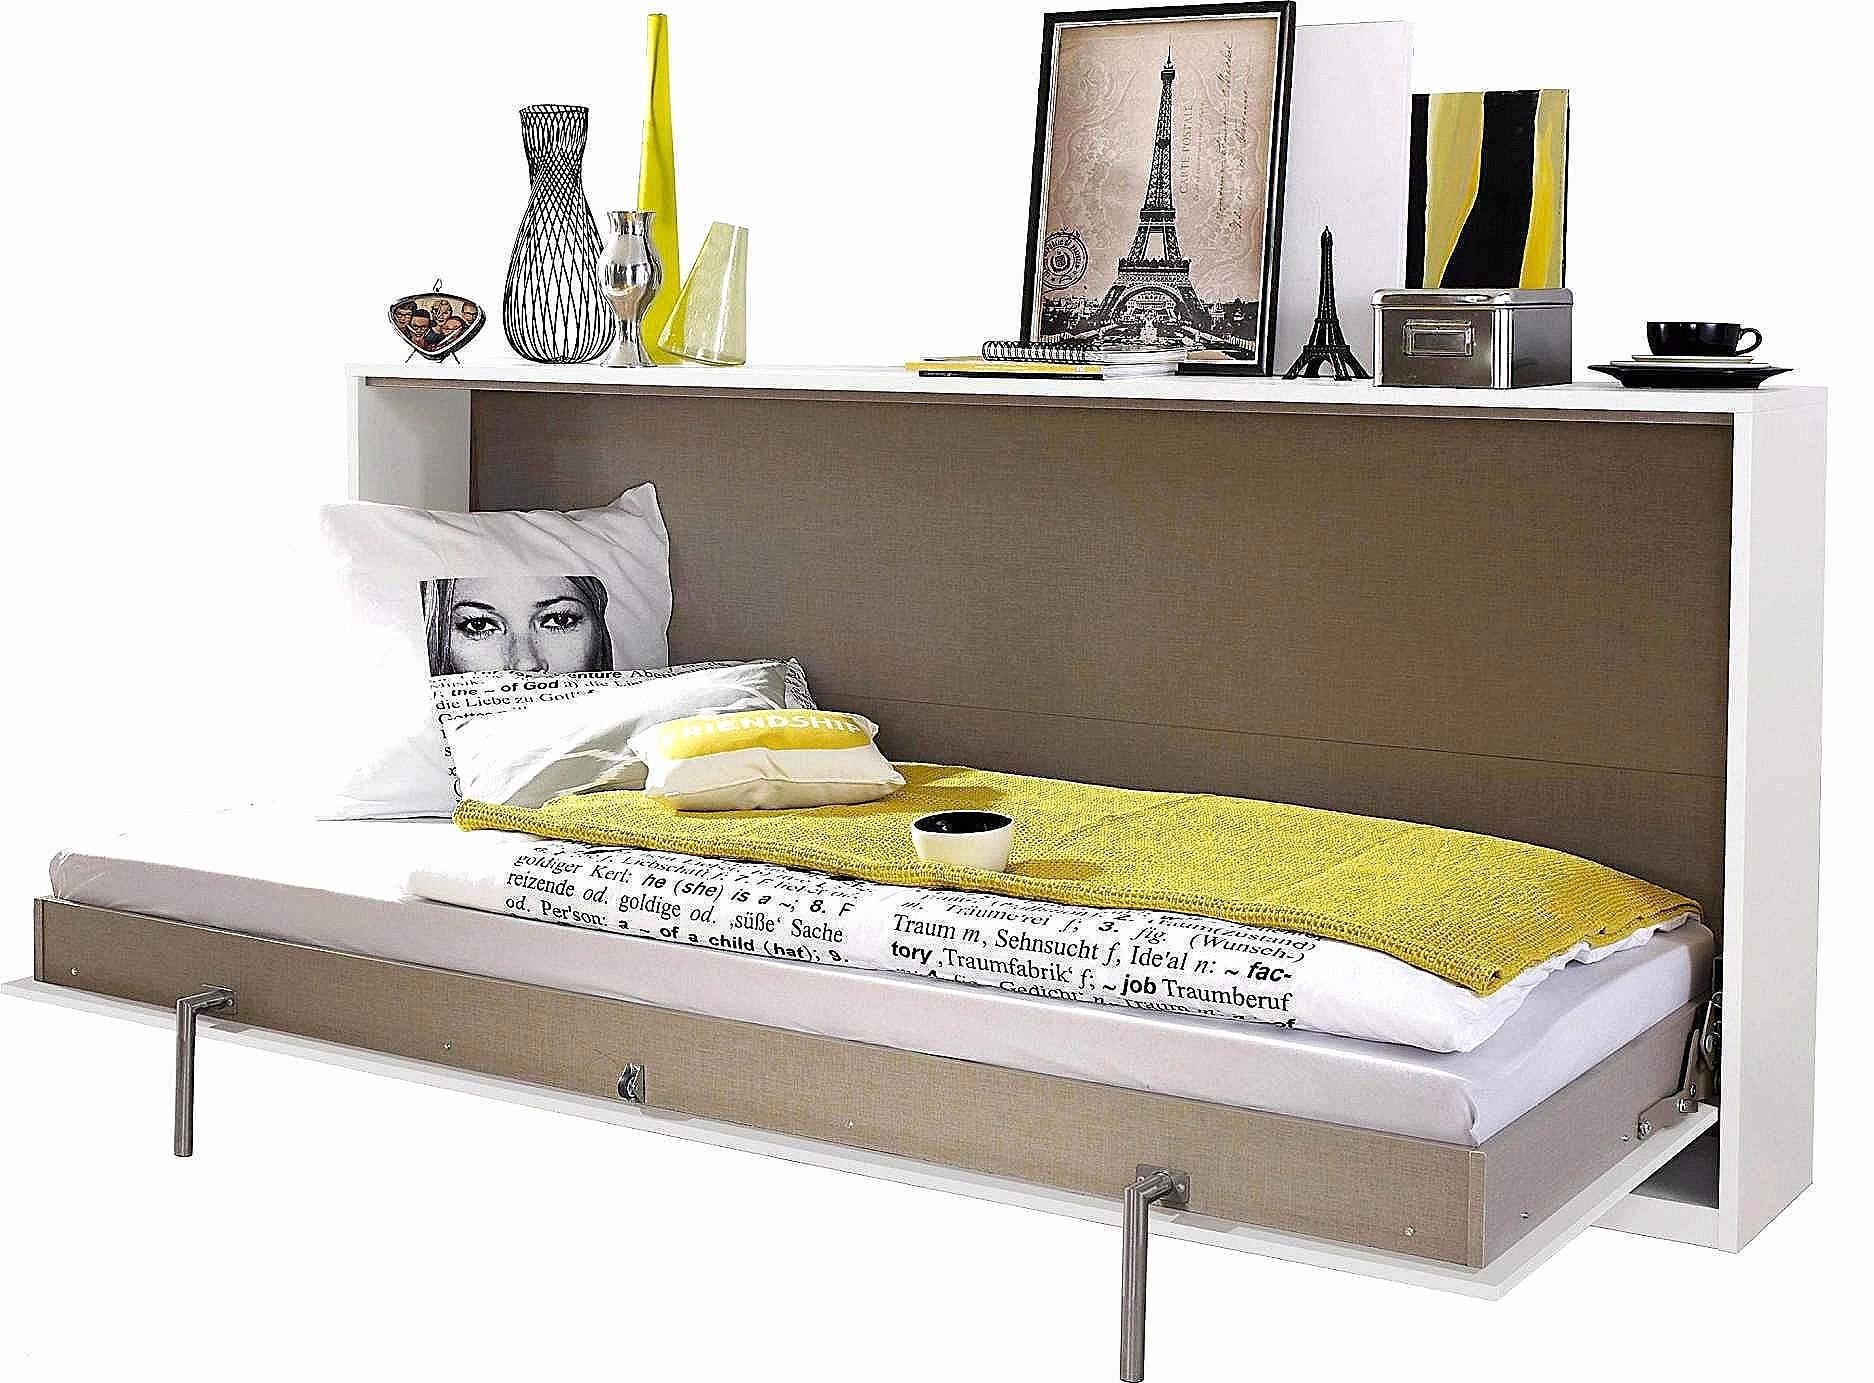 ikea besta wohnzimmer ideen reizend 63 elegant ikea besta ideen moderne gartengestaltung mit holz of ikea besta wohnzimmer ideen